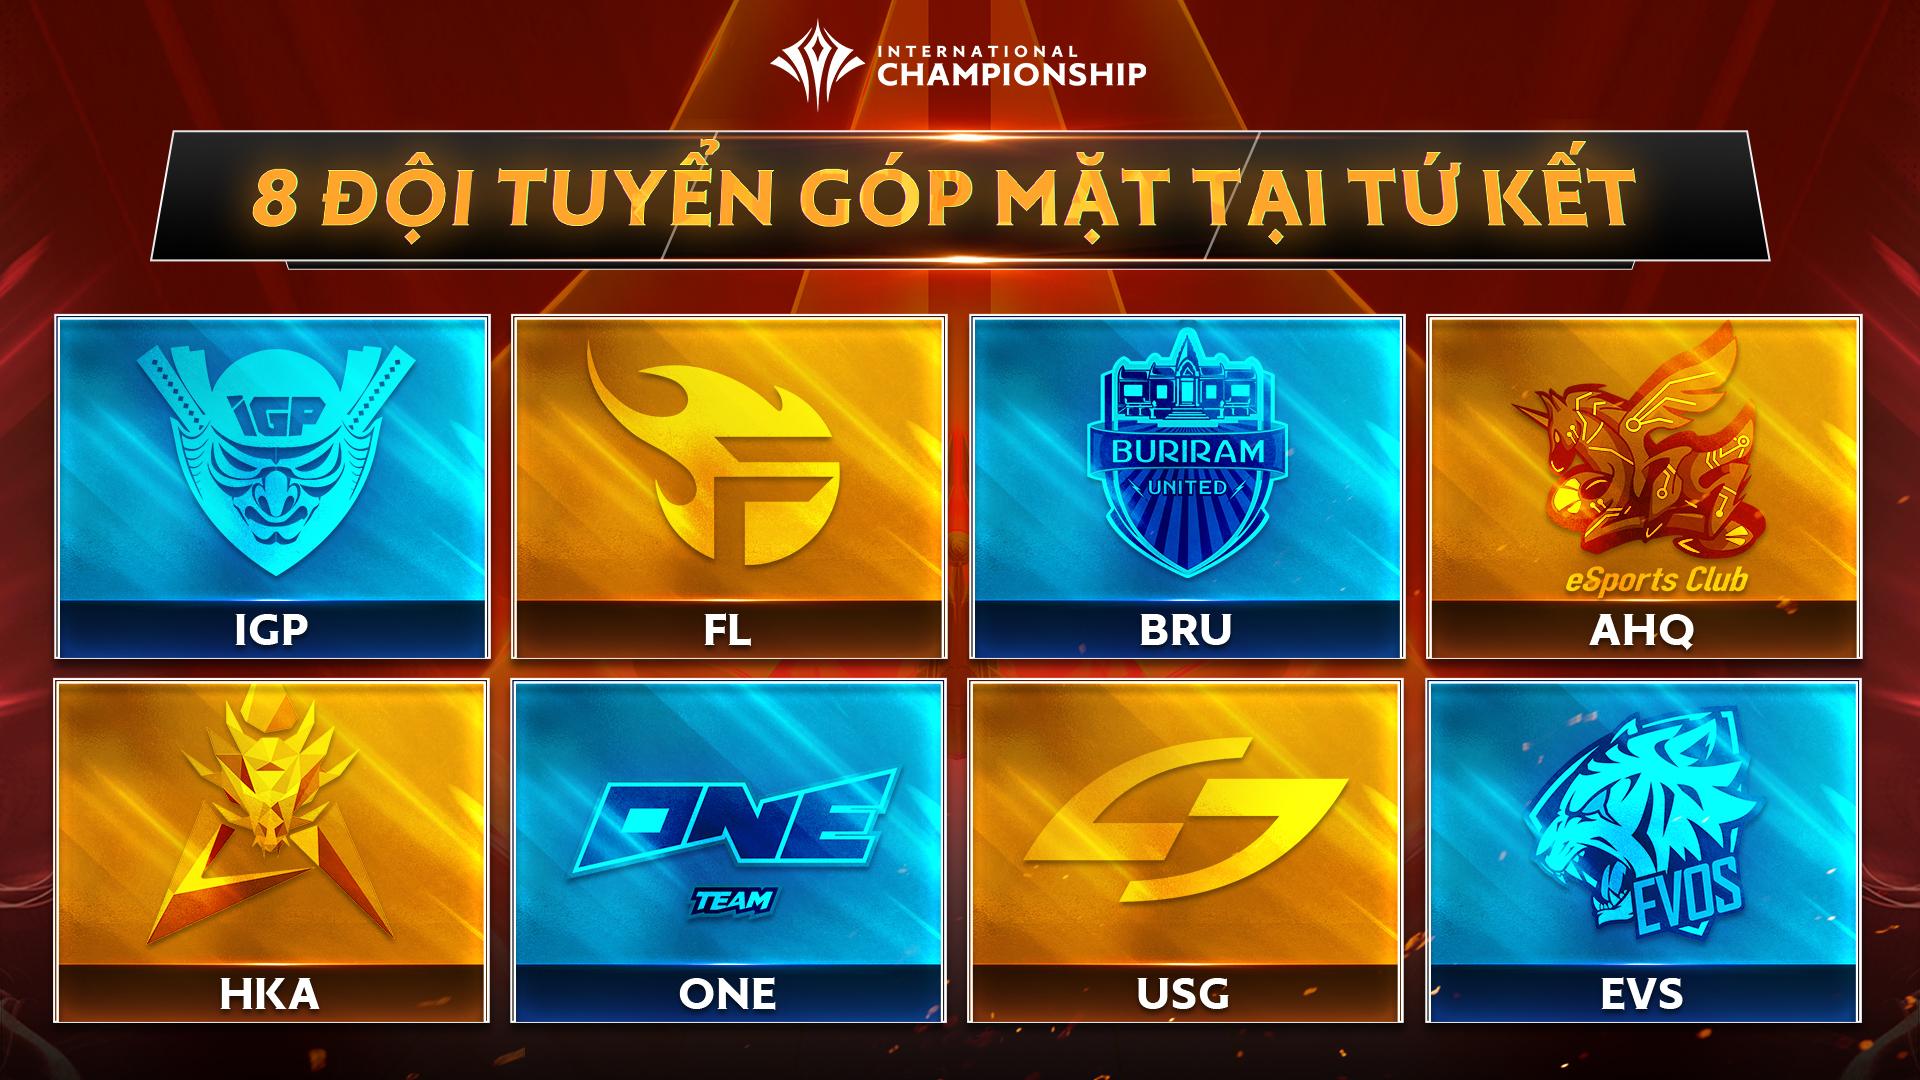 8 đội tuyển xuất sắc nhất AIC 2019 đã lộ diện